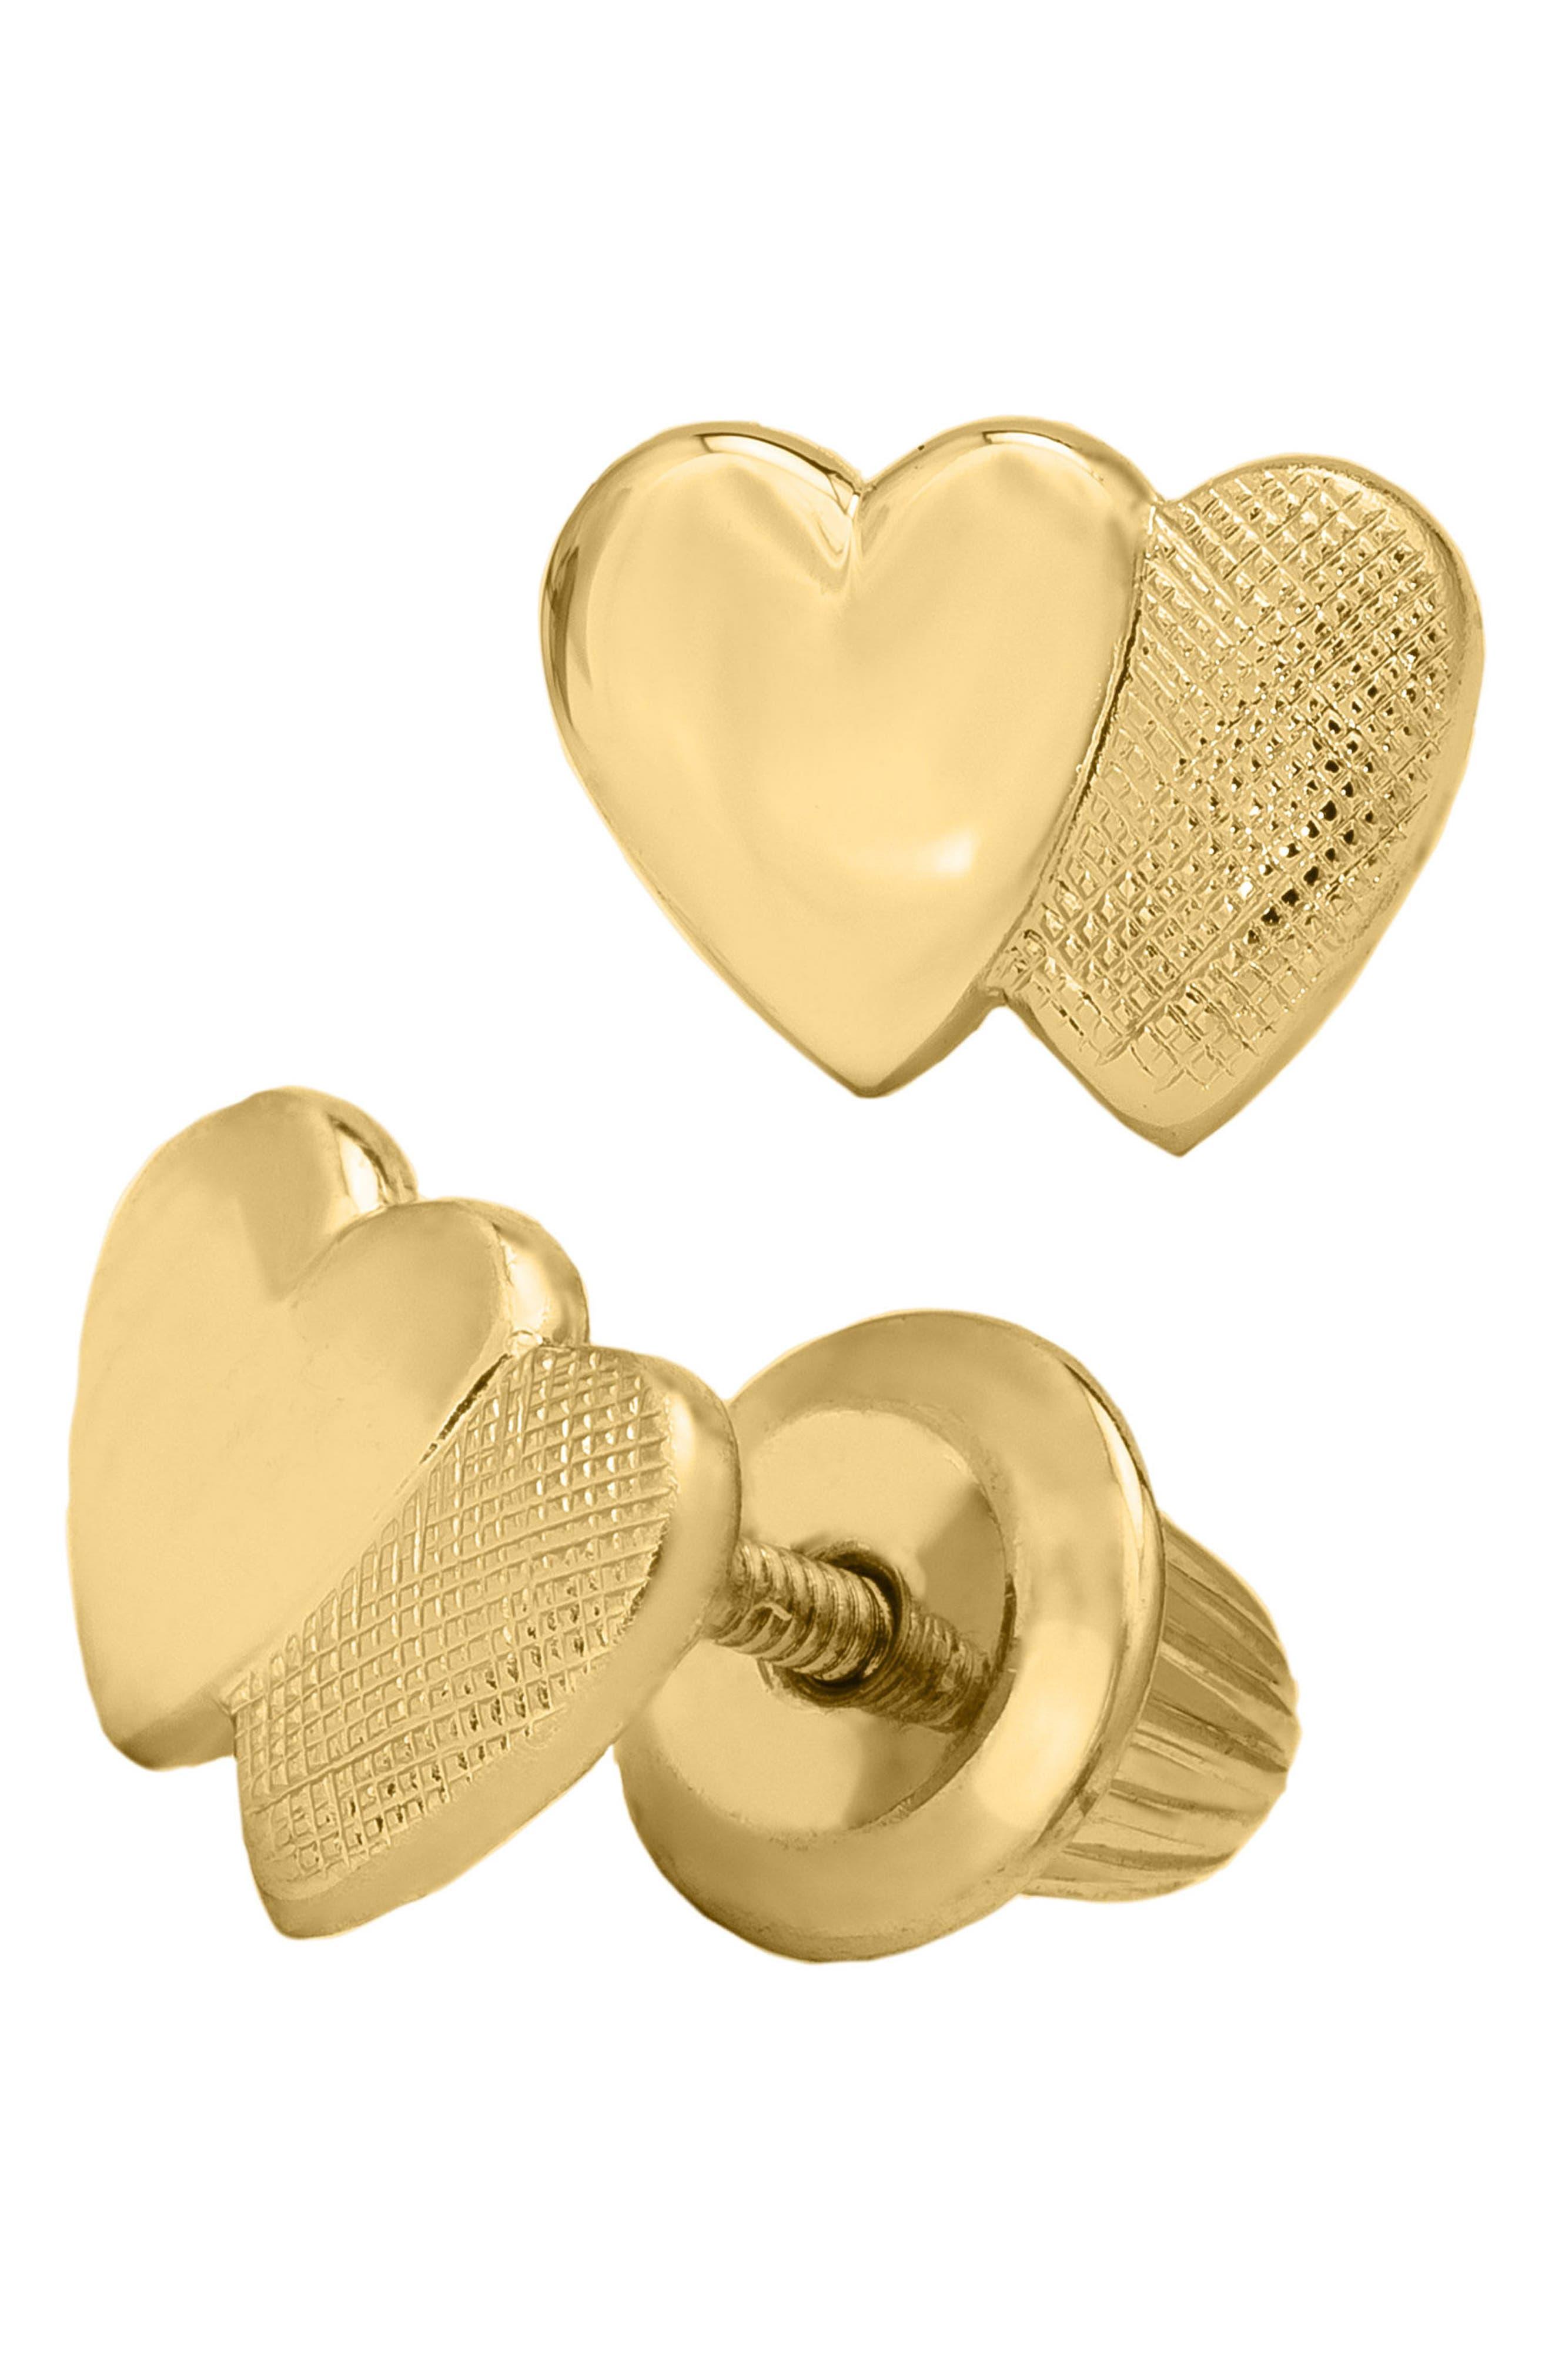 14k Gold Heart Earrings,                             Alternate thumbnail 3, color,                             Gold